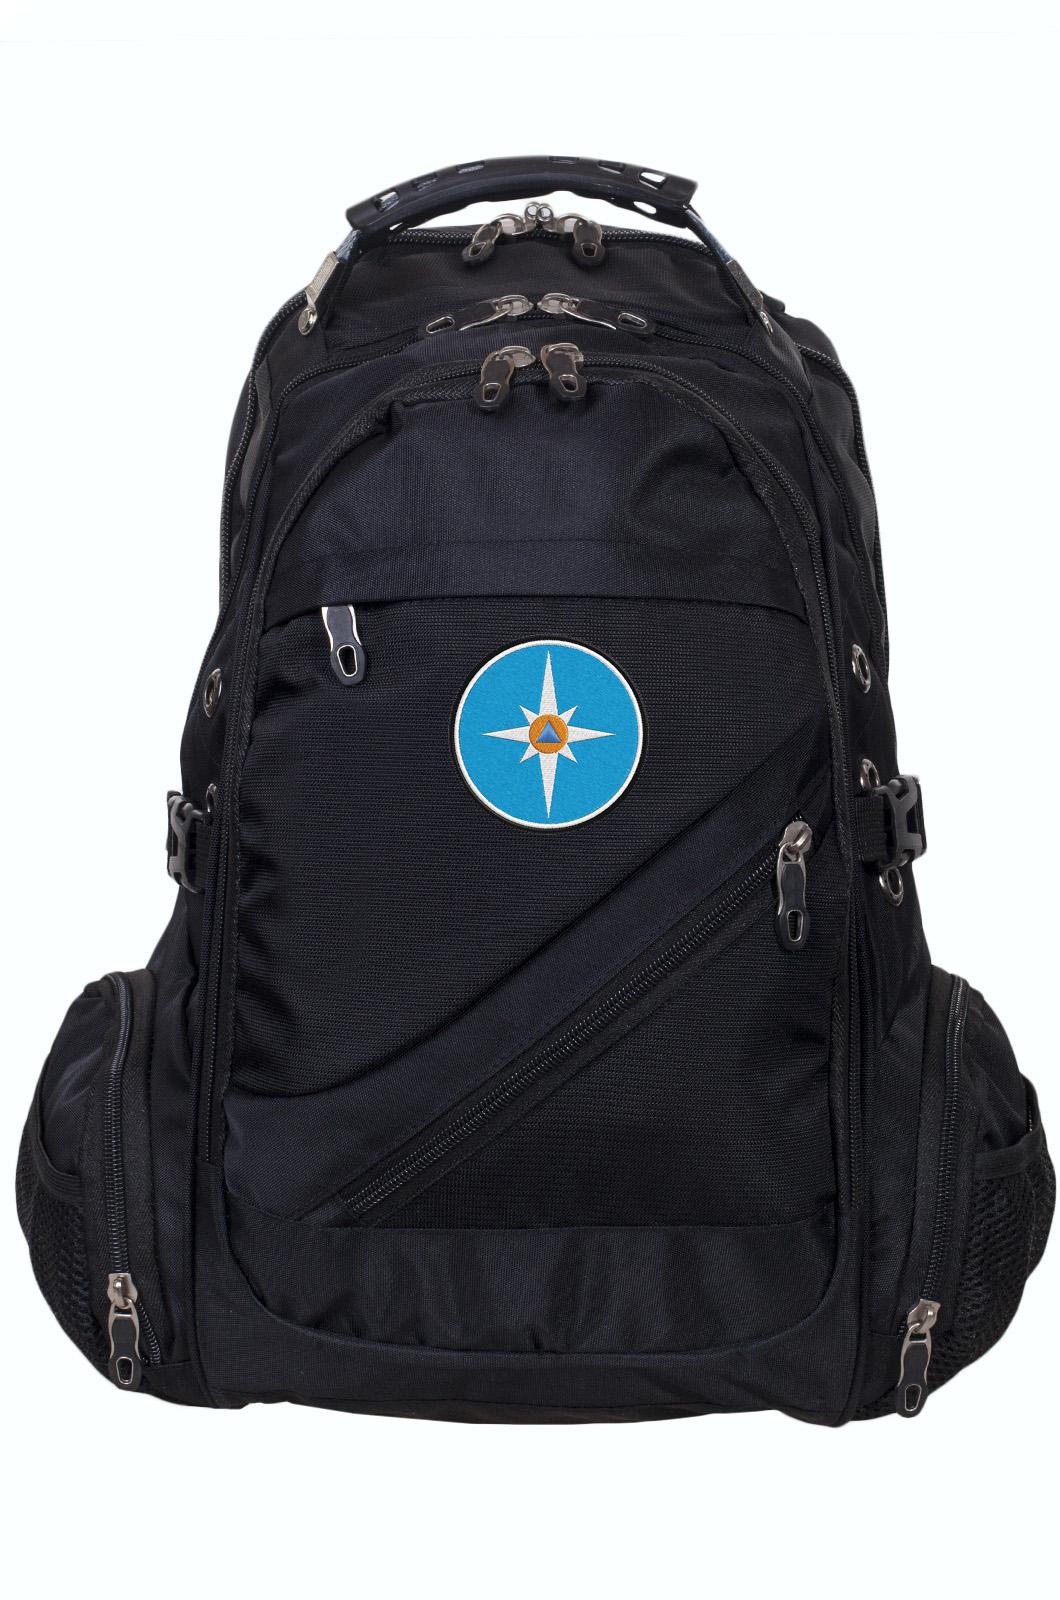 Классный городской рюкзак с эмблемой МЧС